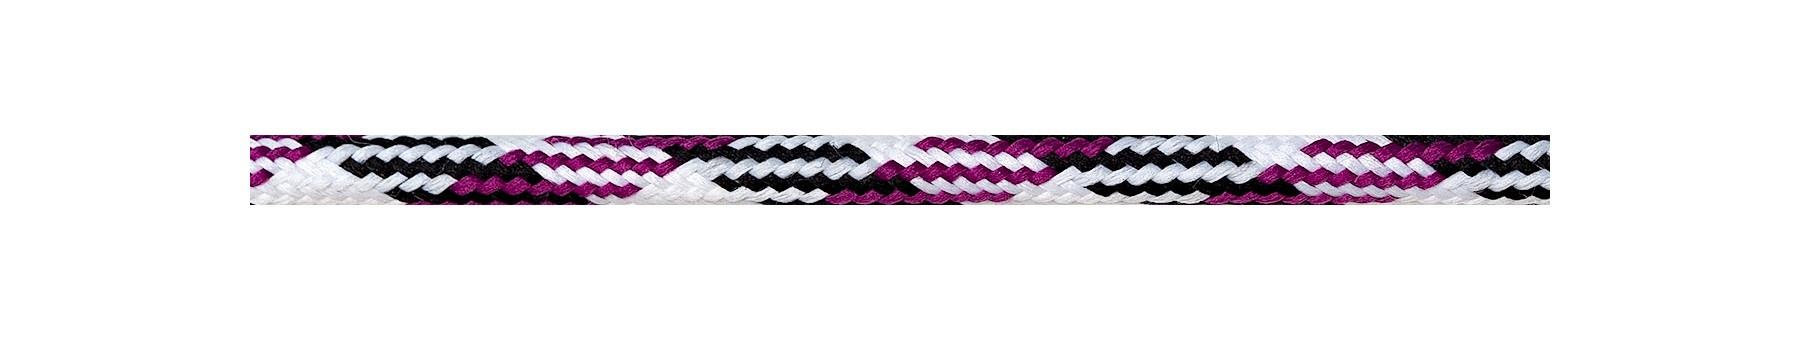 Textile Cable White-Black-Cerise